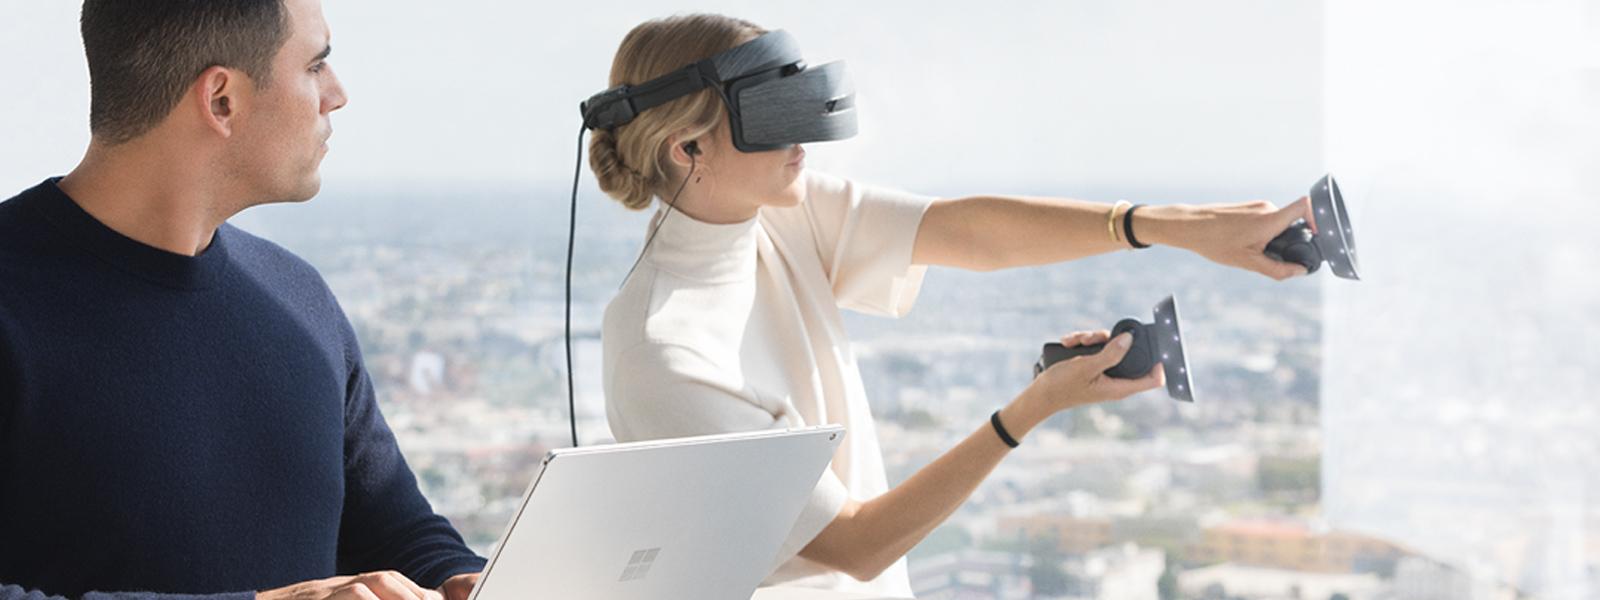 女人使用 Windows Mixed Reality 头戴显示设备和运动控制器